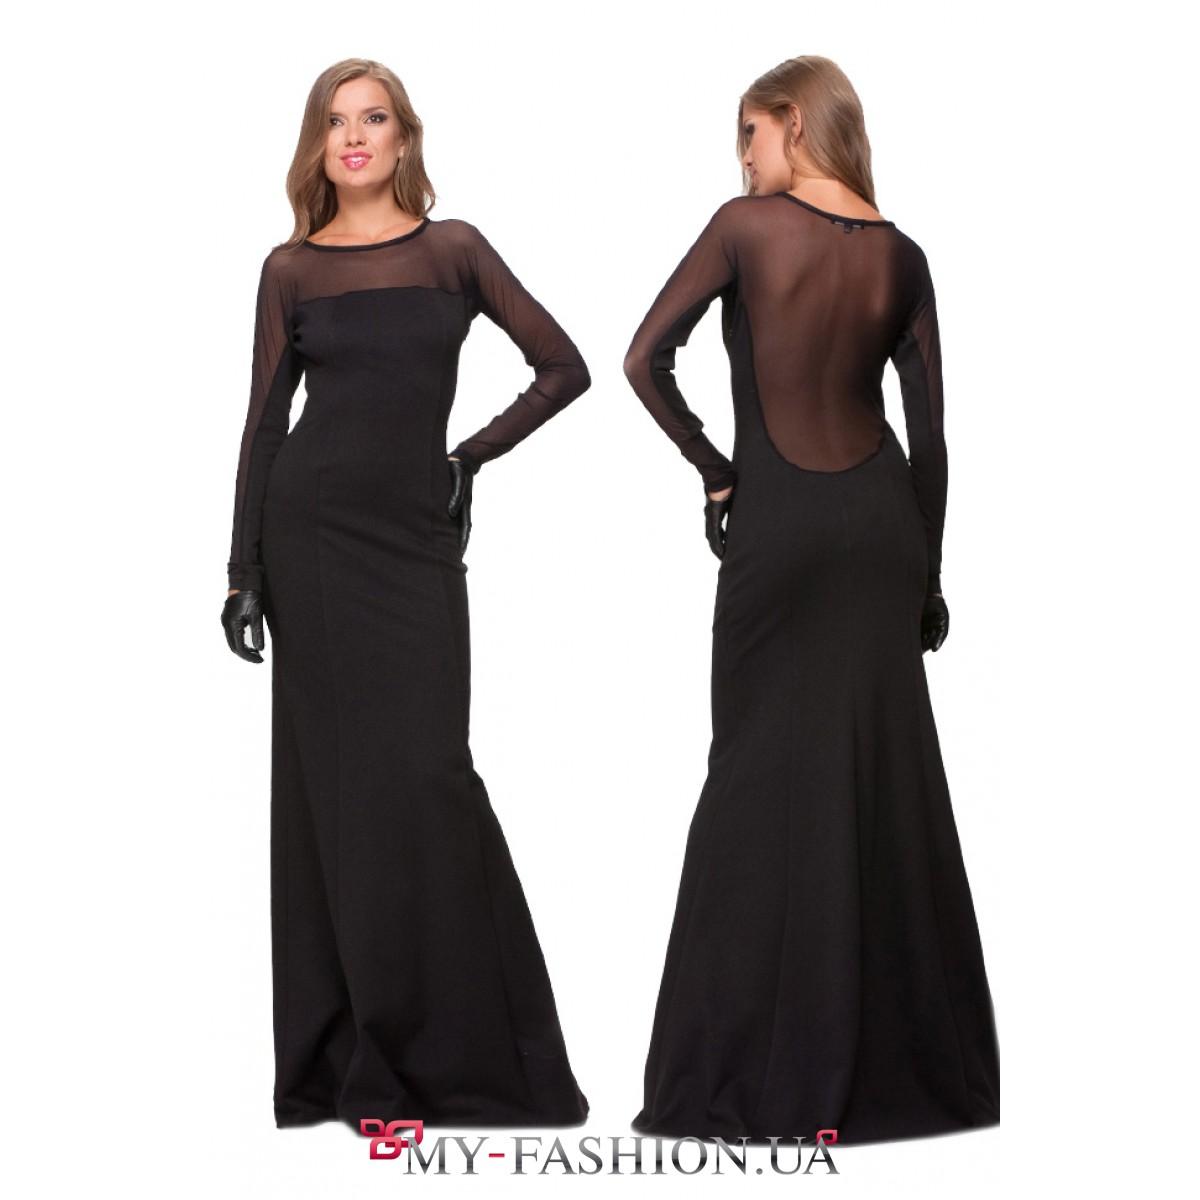 Платье с прозрачными вставками длинное